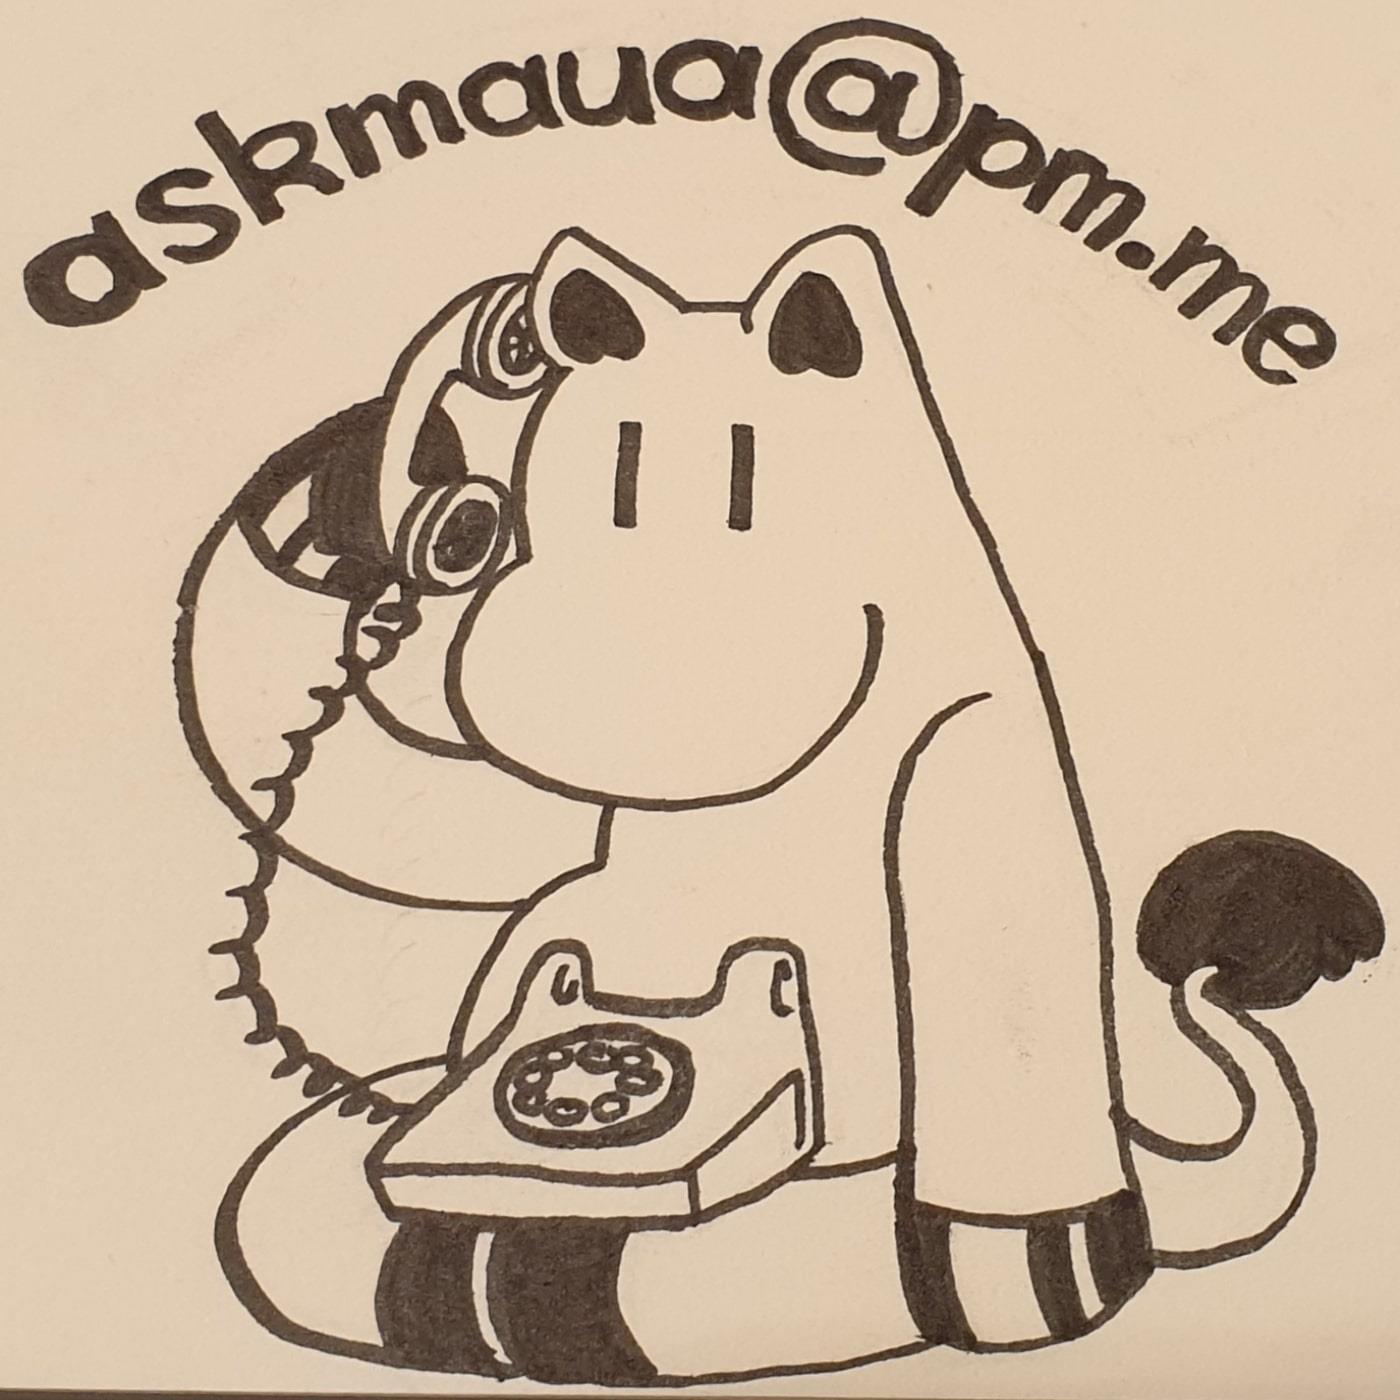 Ask Maua - Dr Maua Faleauto-02-07-2020